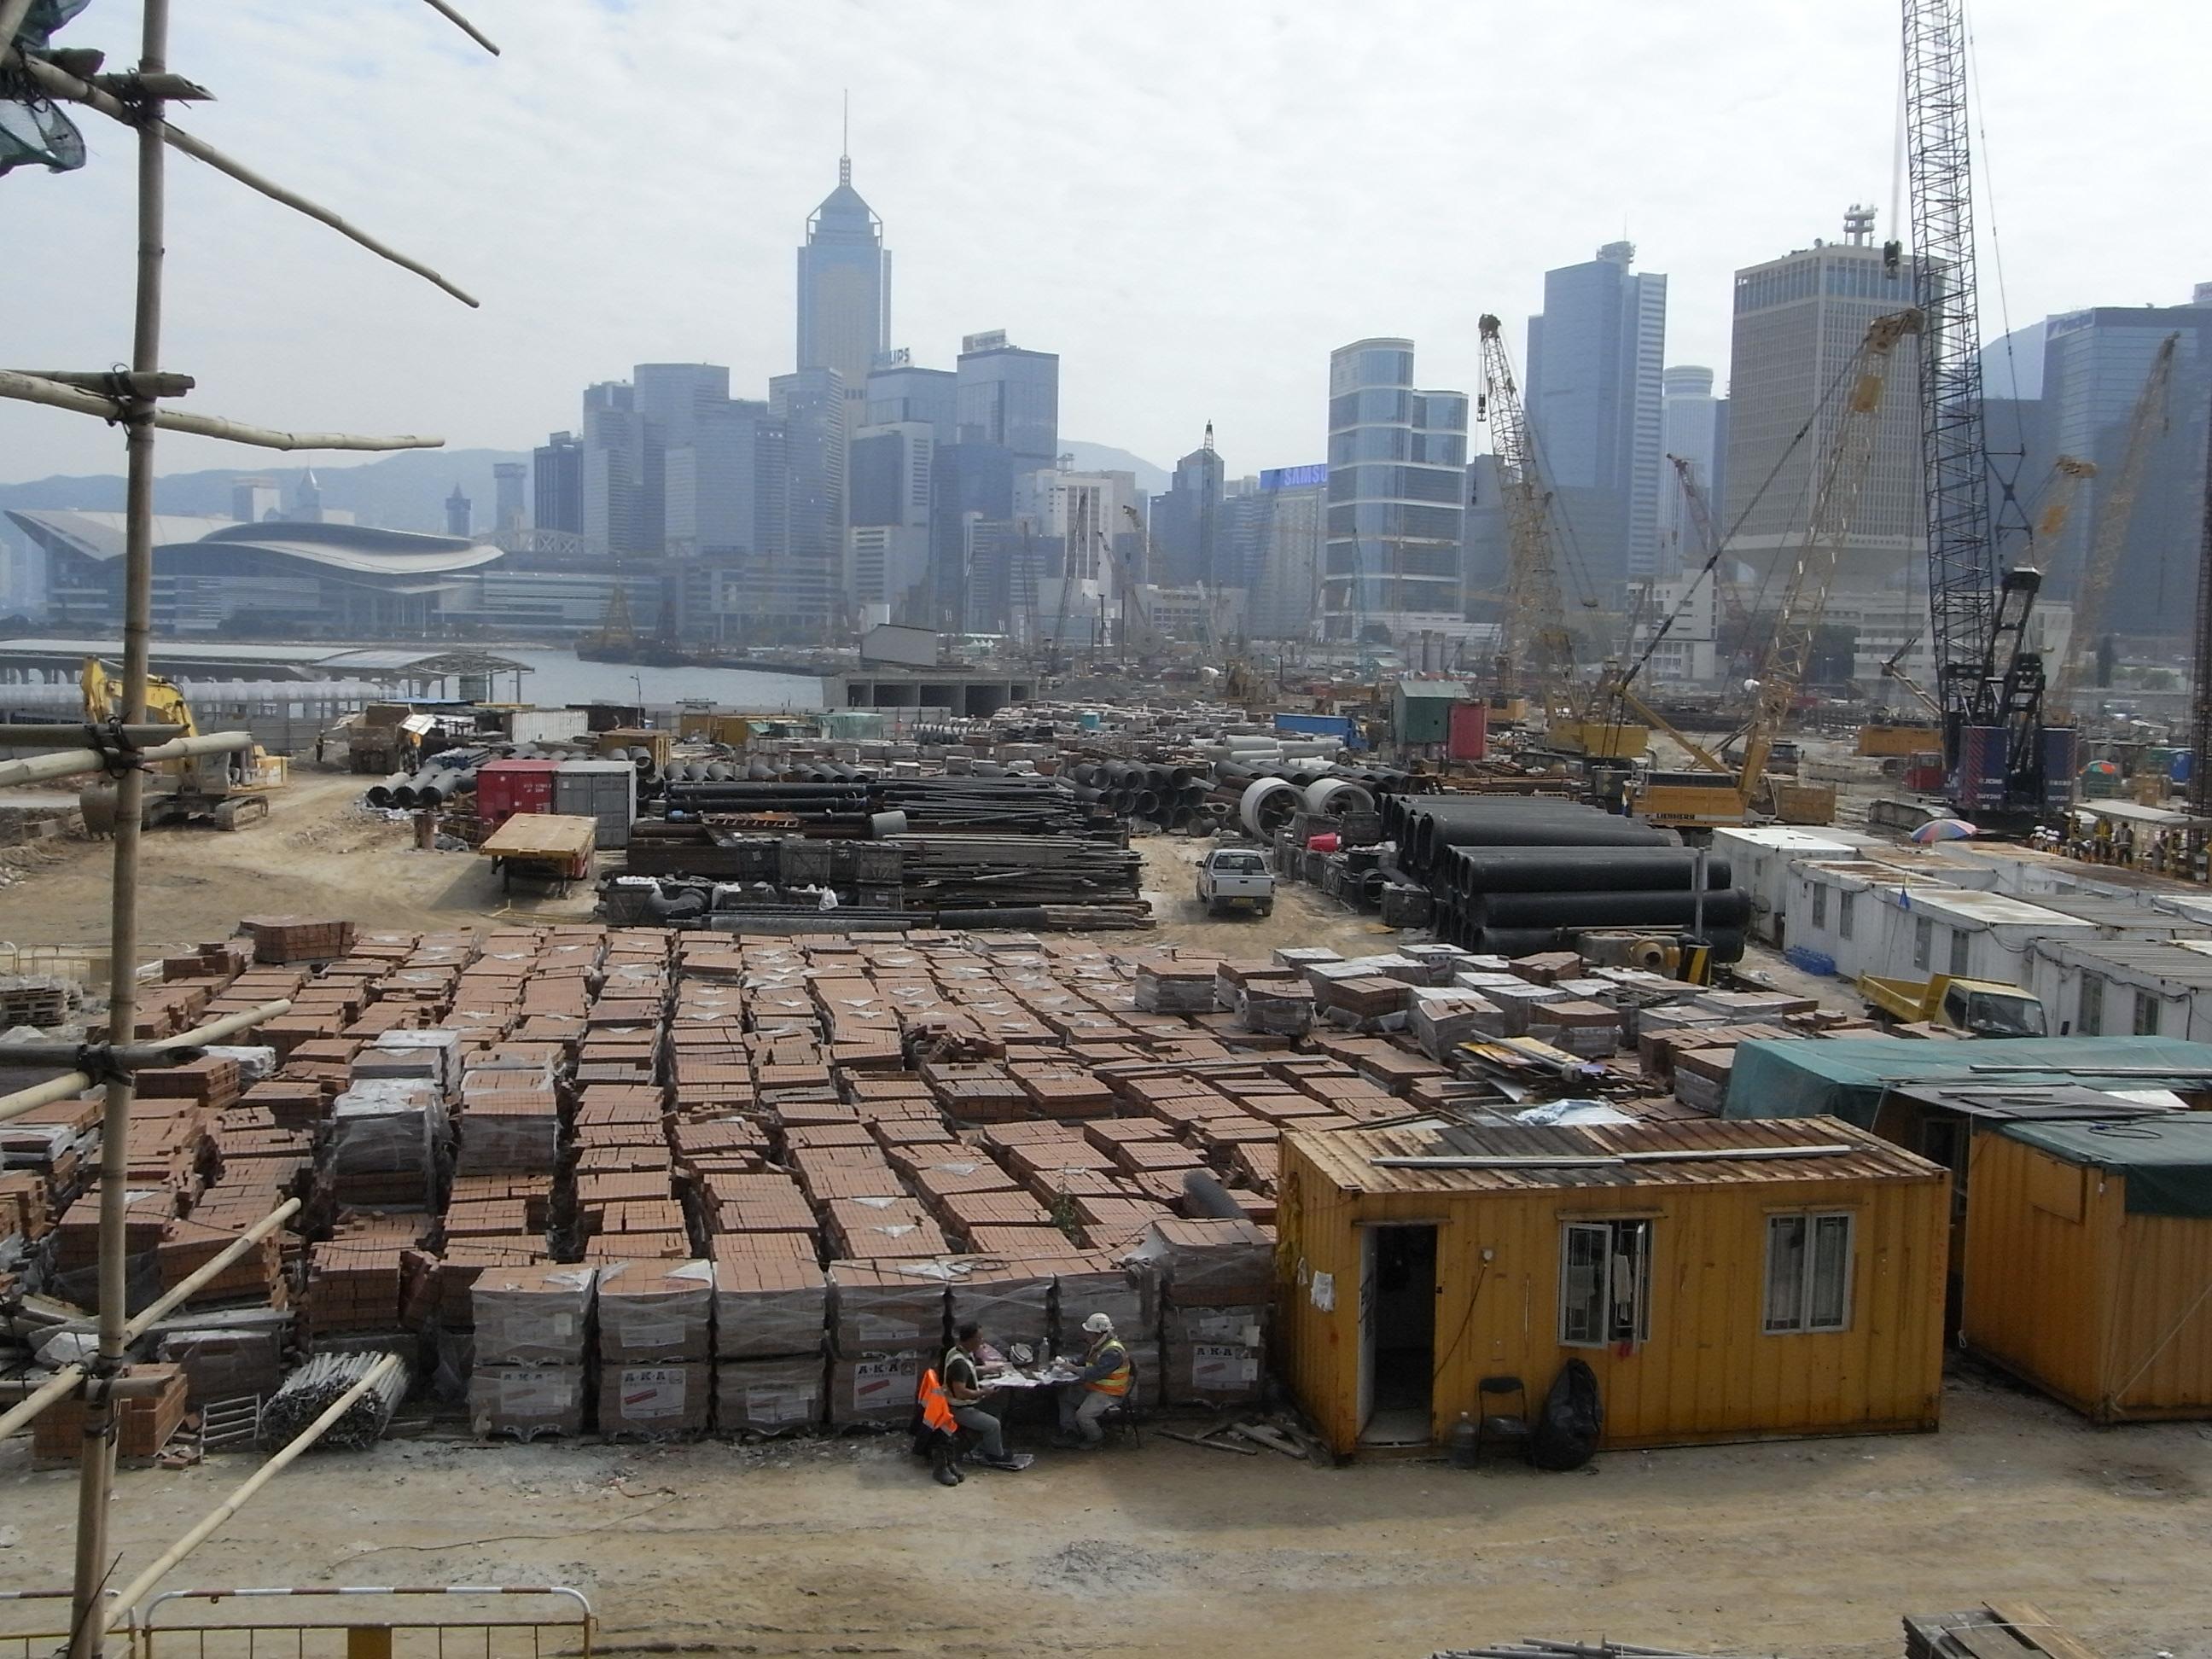 Building Construction Site : File hk central piers construction site building material